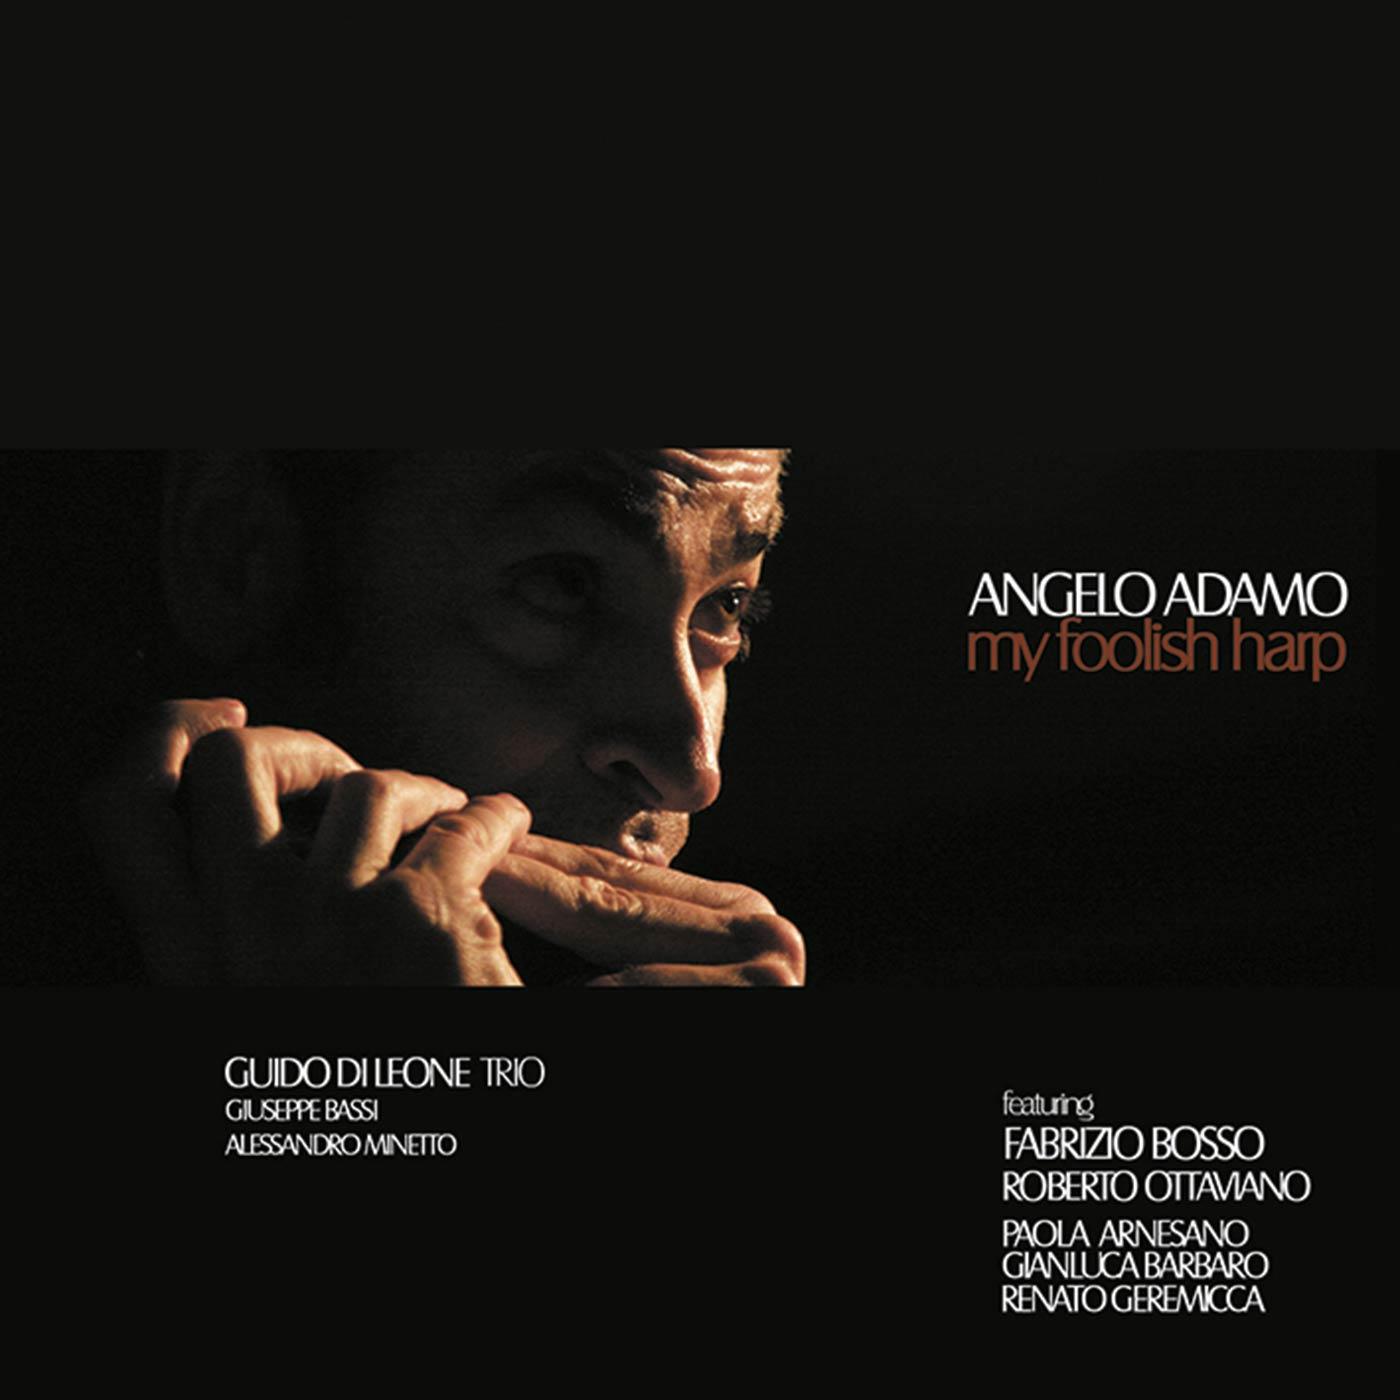 My Foolish Harp - Angelo Adamo